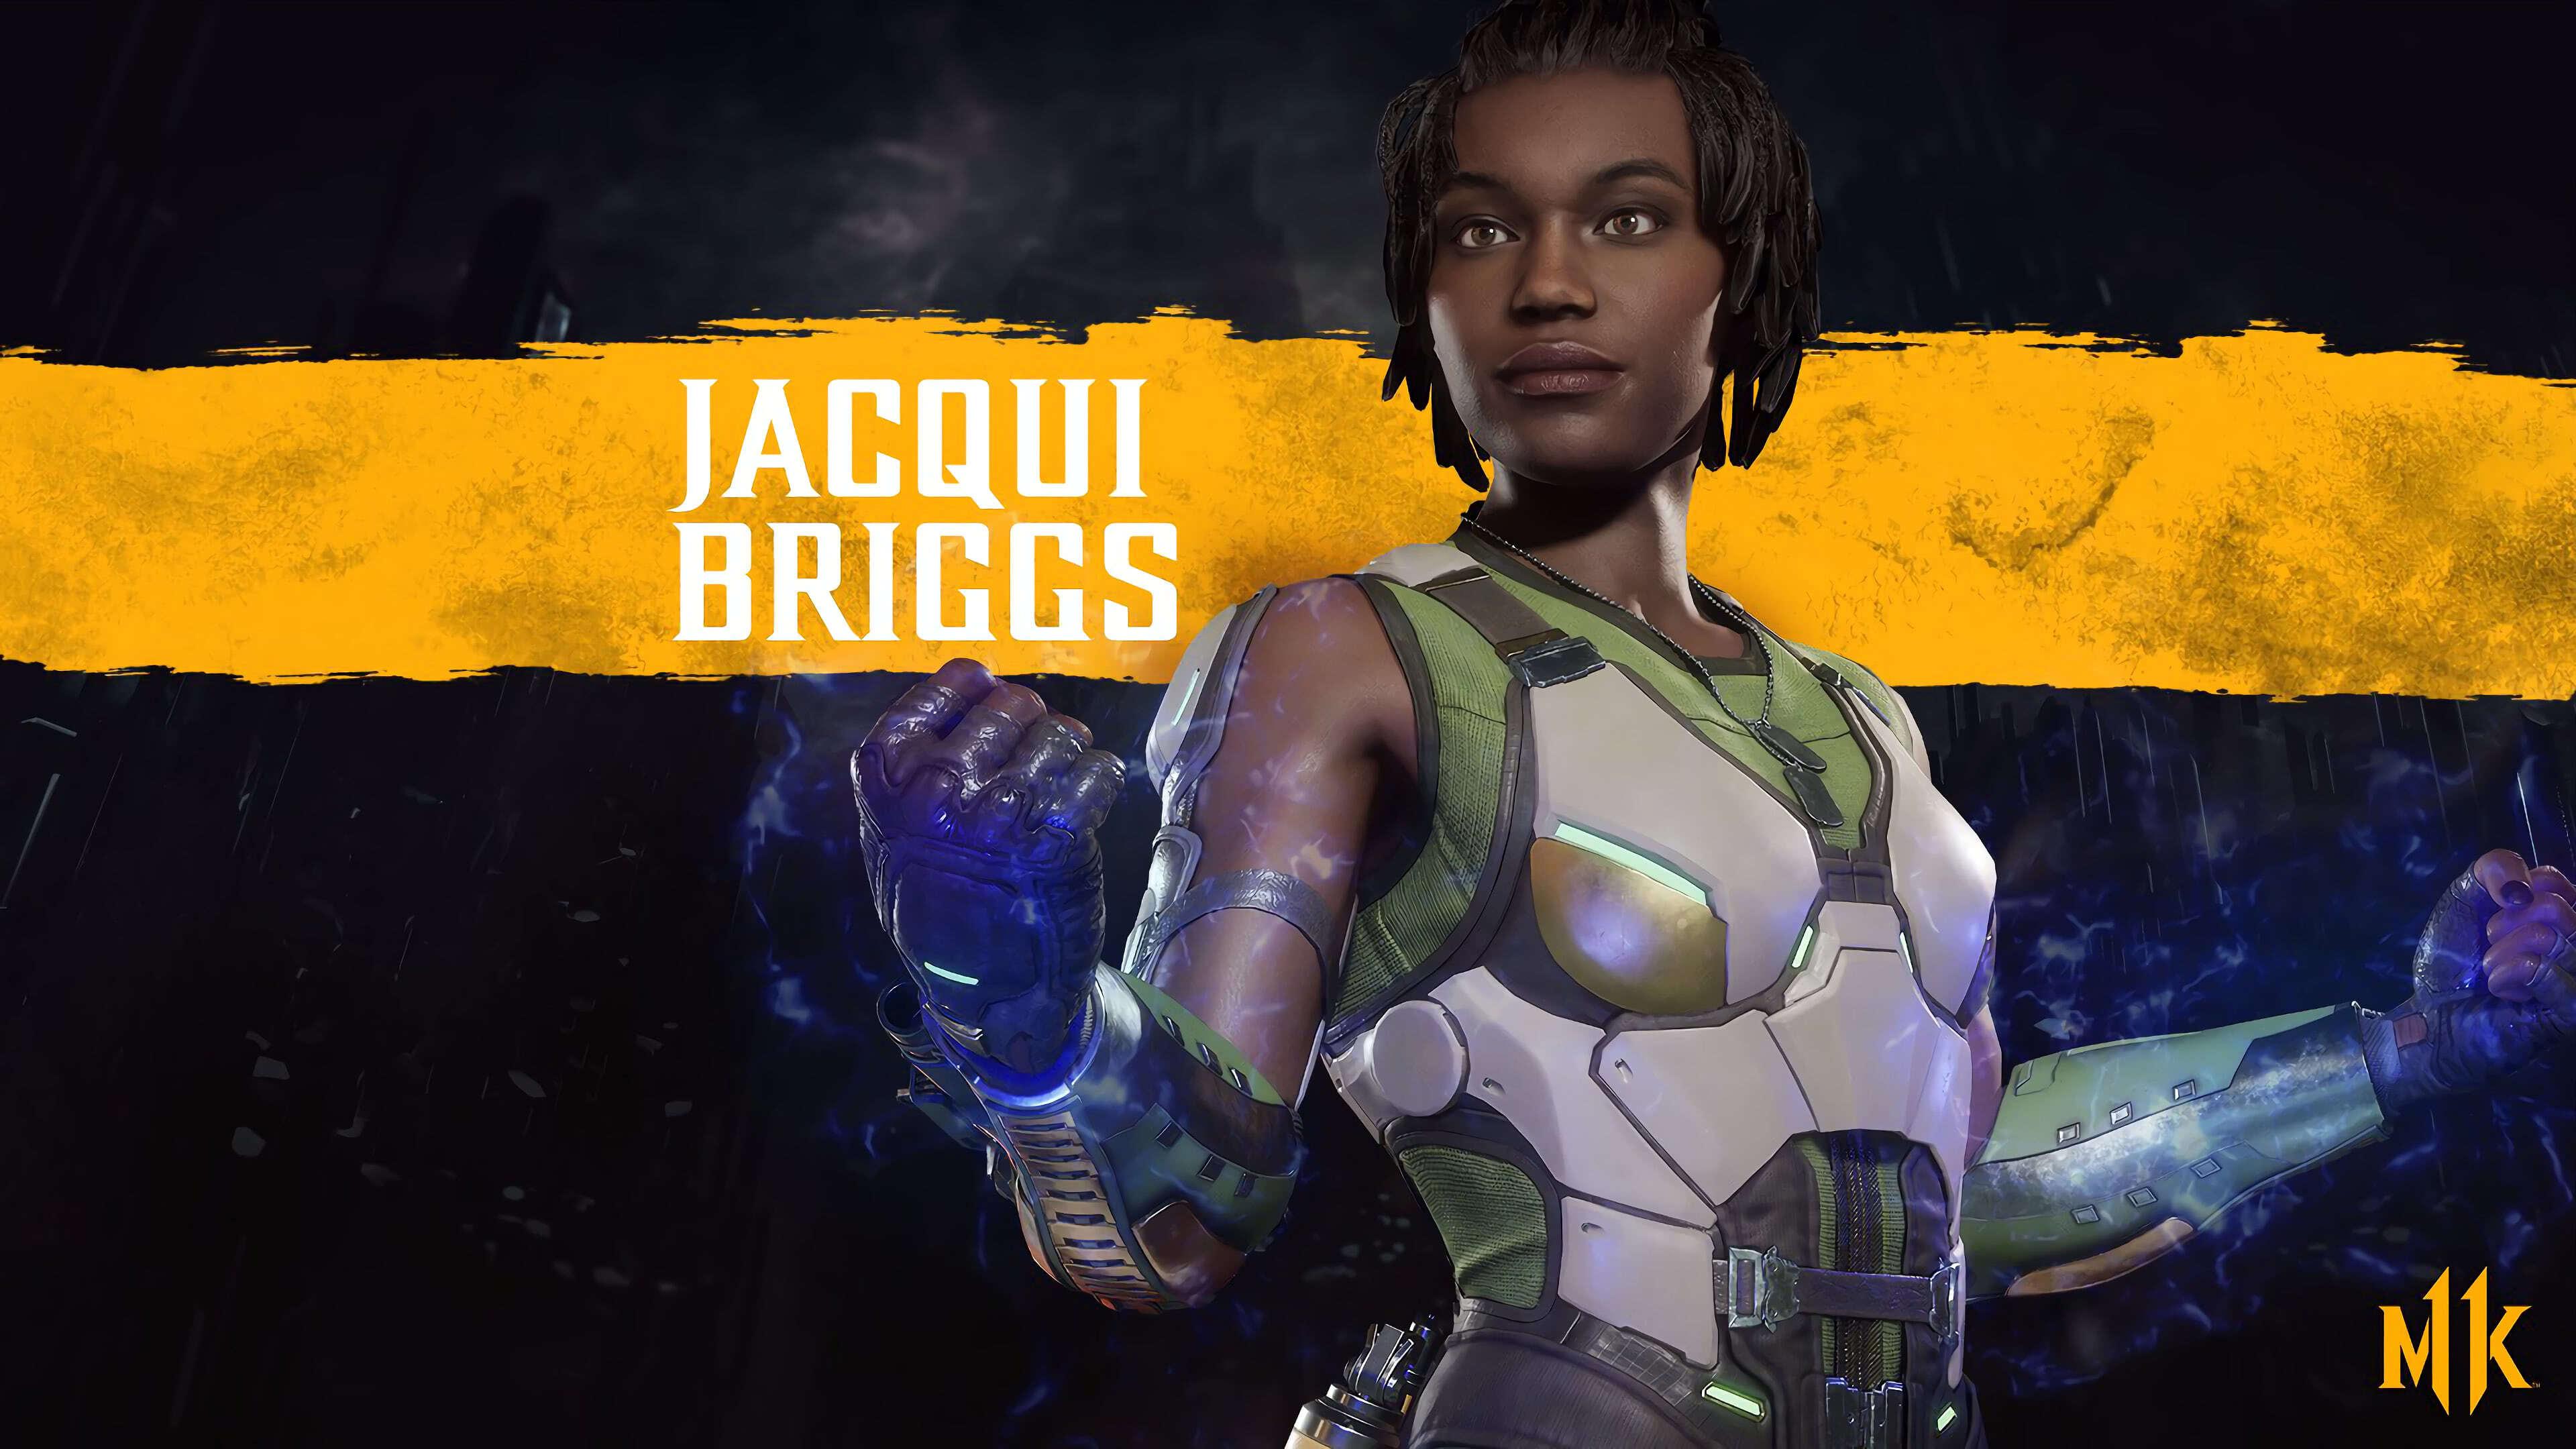 17 Mortal Kombat 11 Jacqui Briggs 2165286 Hd